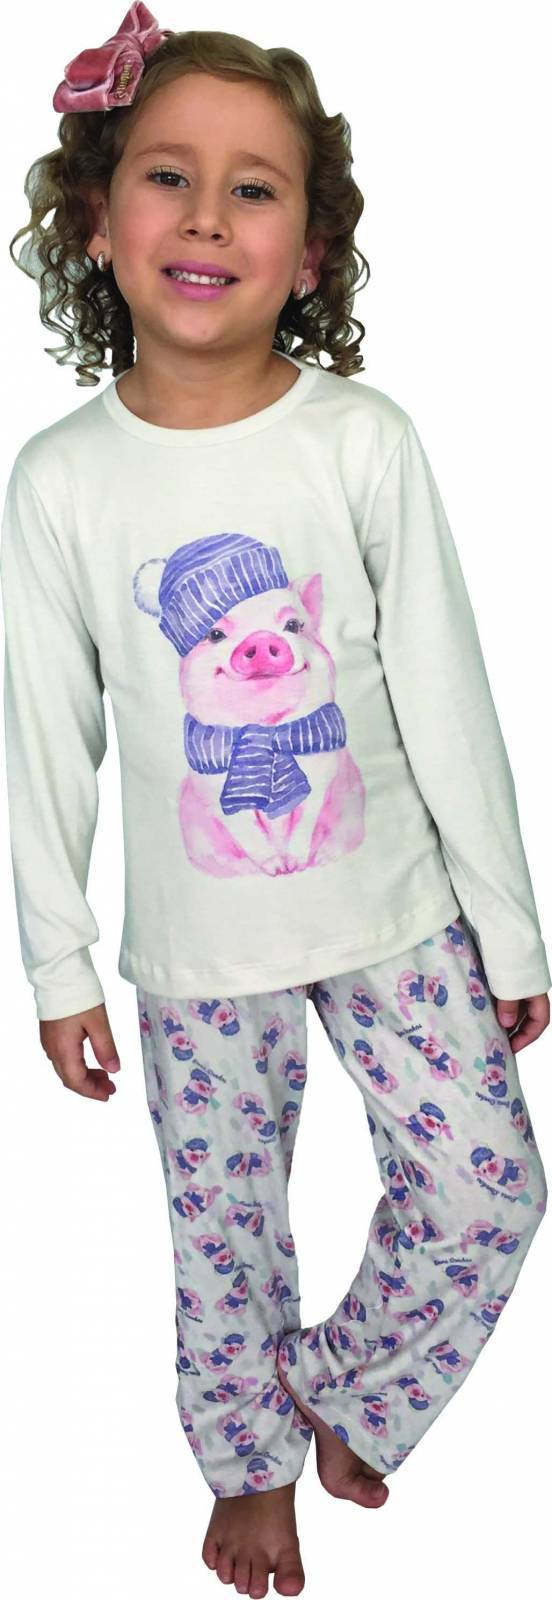 PIJAMA MENINA MANGA LONGA FINO - PORQUINHO - Bons Sonhos Pijamas